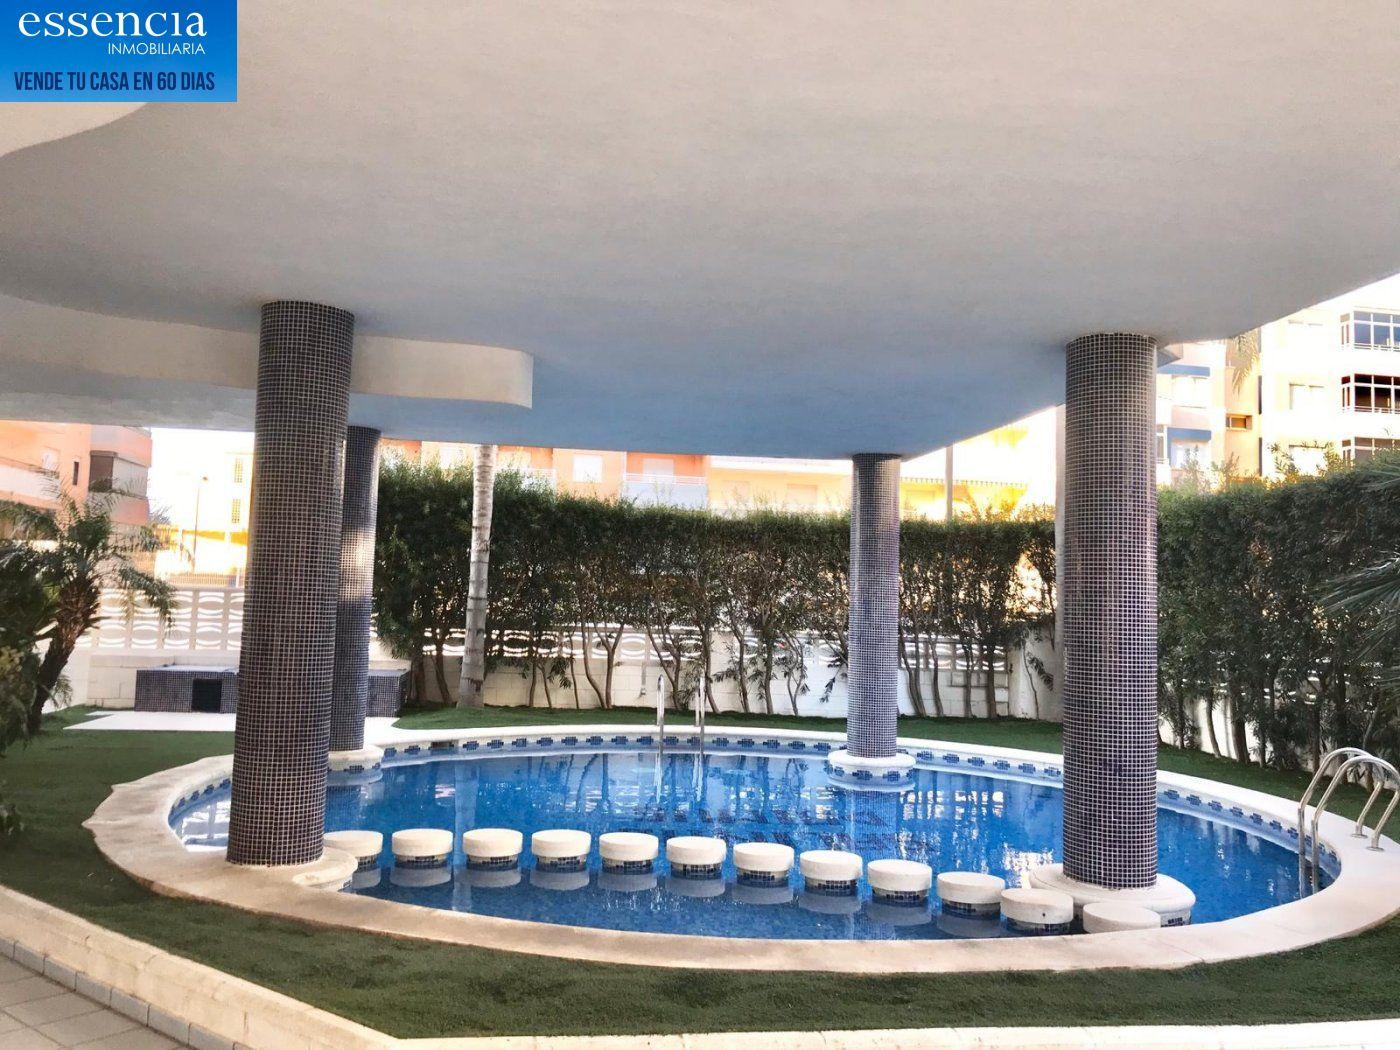 Apartamento de 2 dormitorios y 2 baños con salón con balcón. - imagenInmueble1